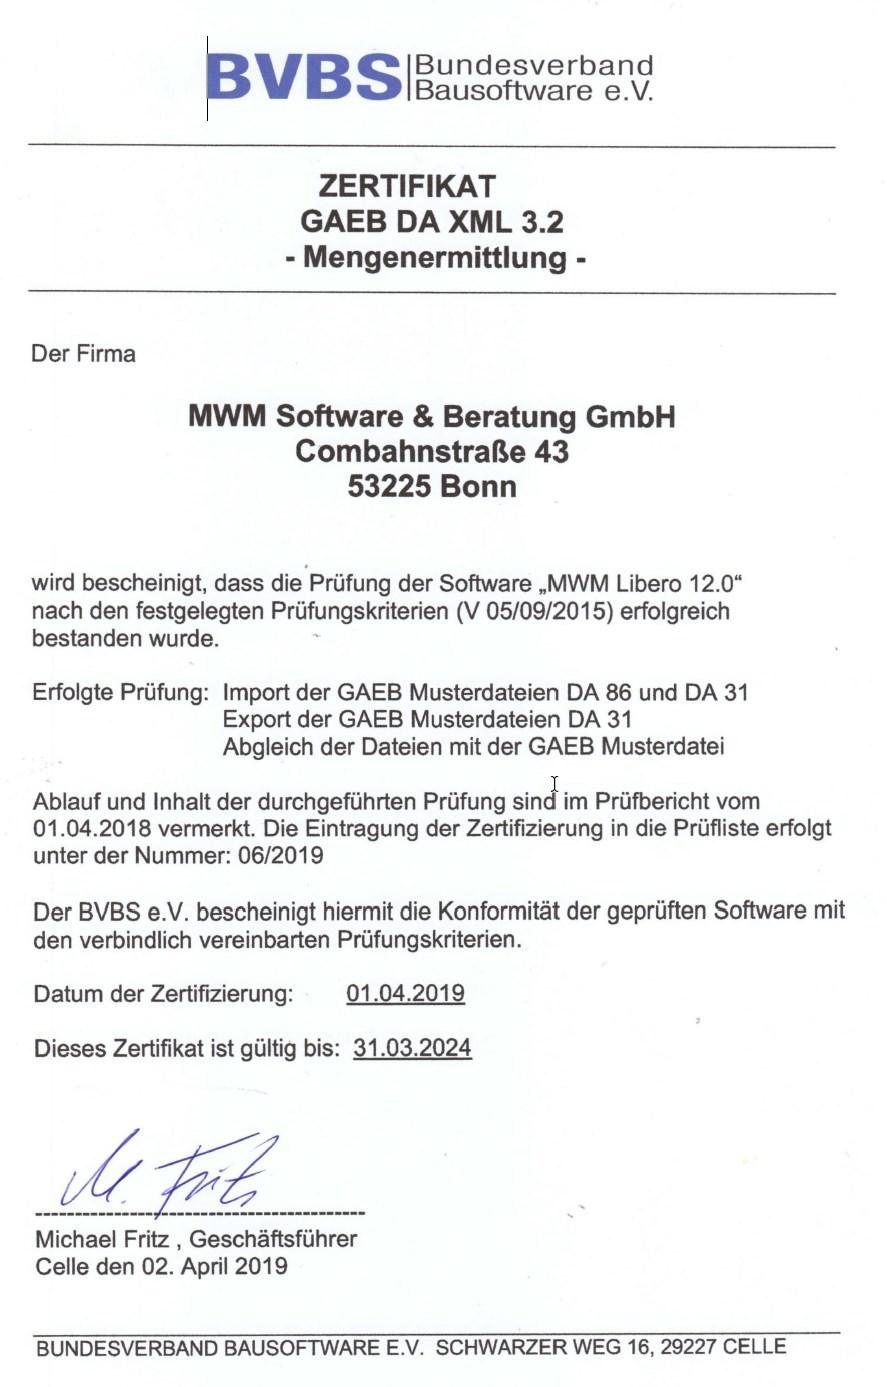 GAEB-Zertifizierung für MWM-Libero 12